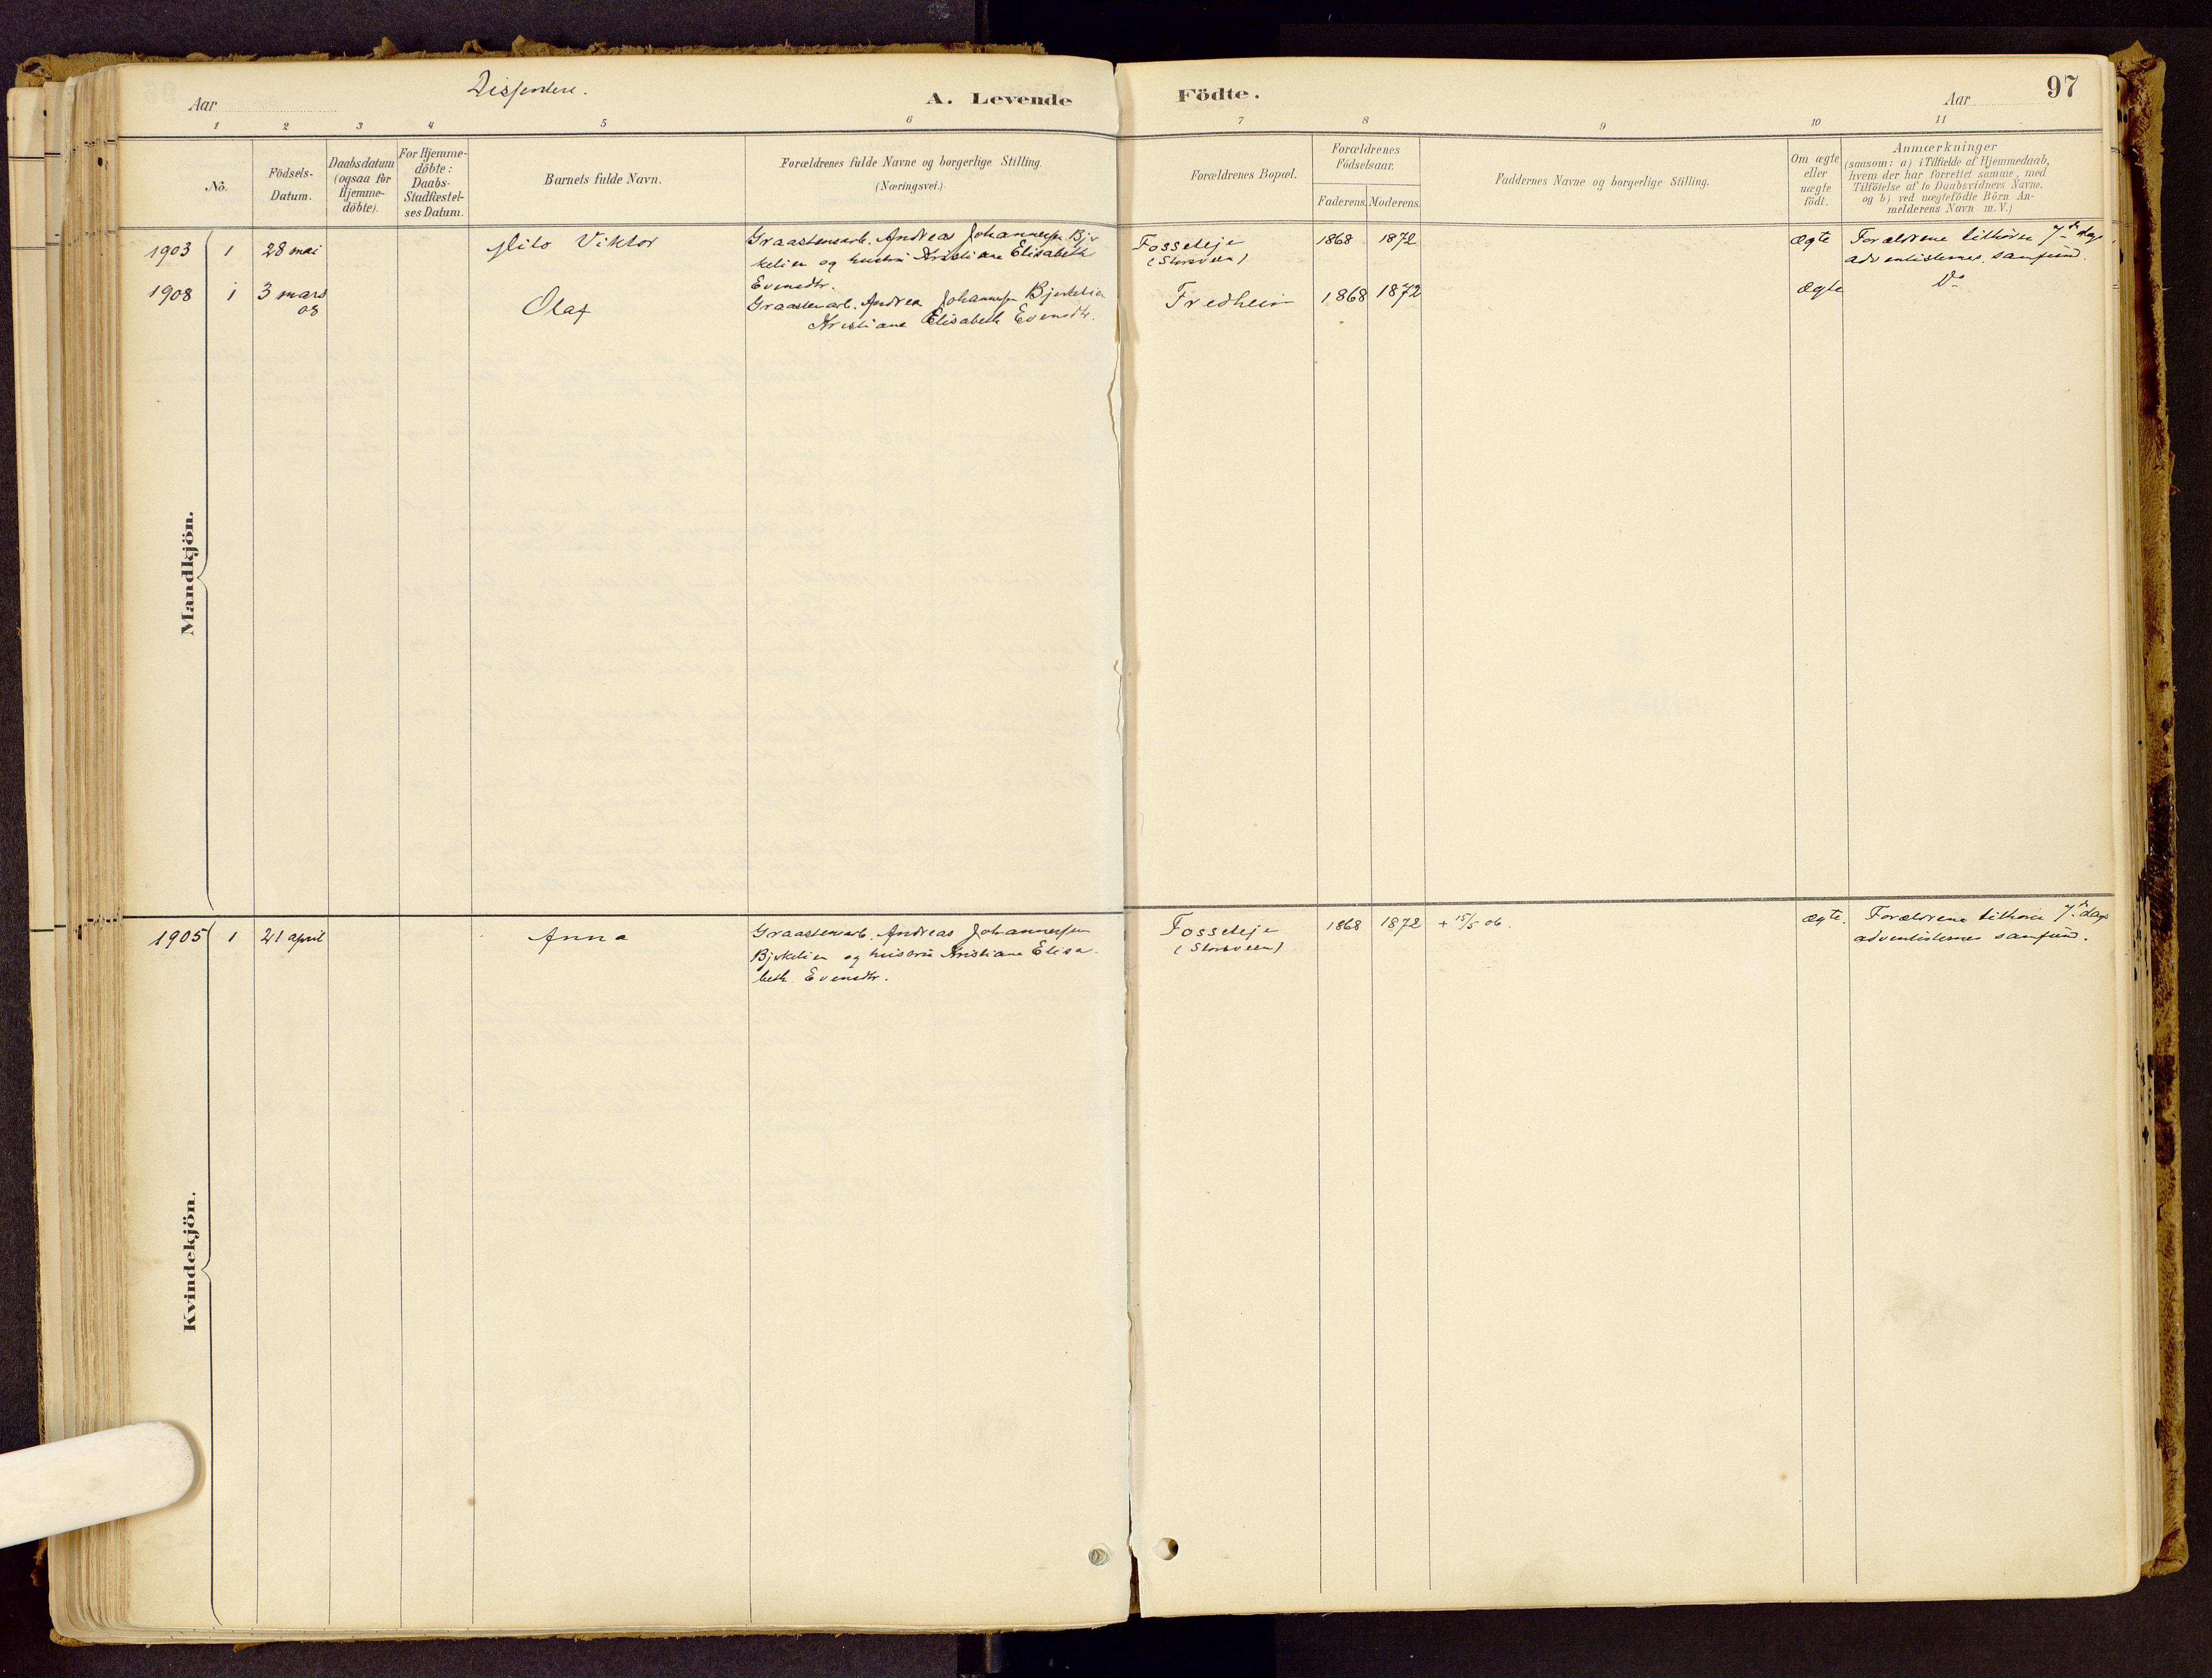 SAH, Vestre Gausdal prestekontor, Parish register (official) no. 1, 1887-1914, p. 97